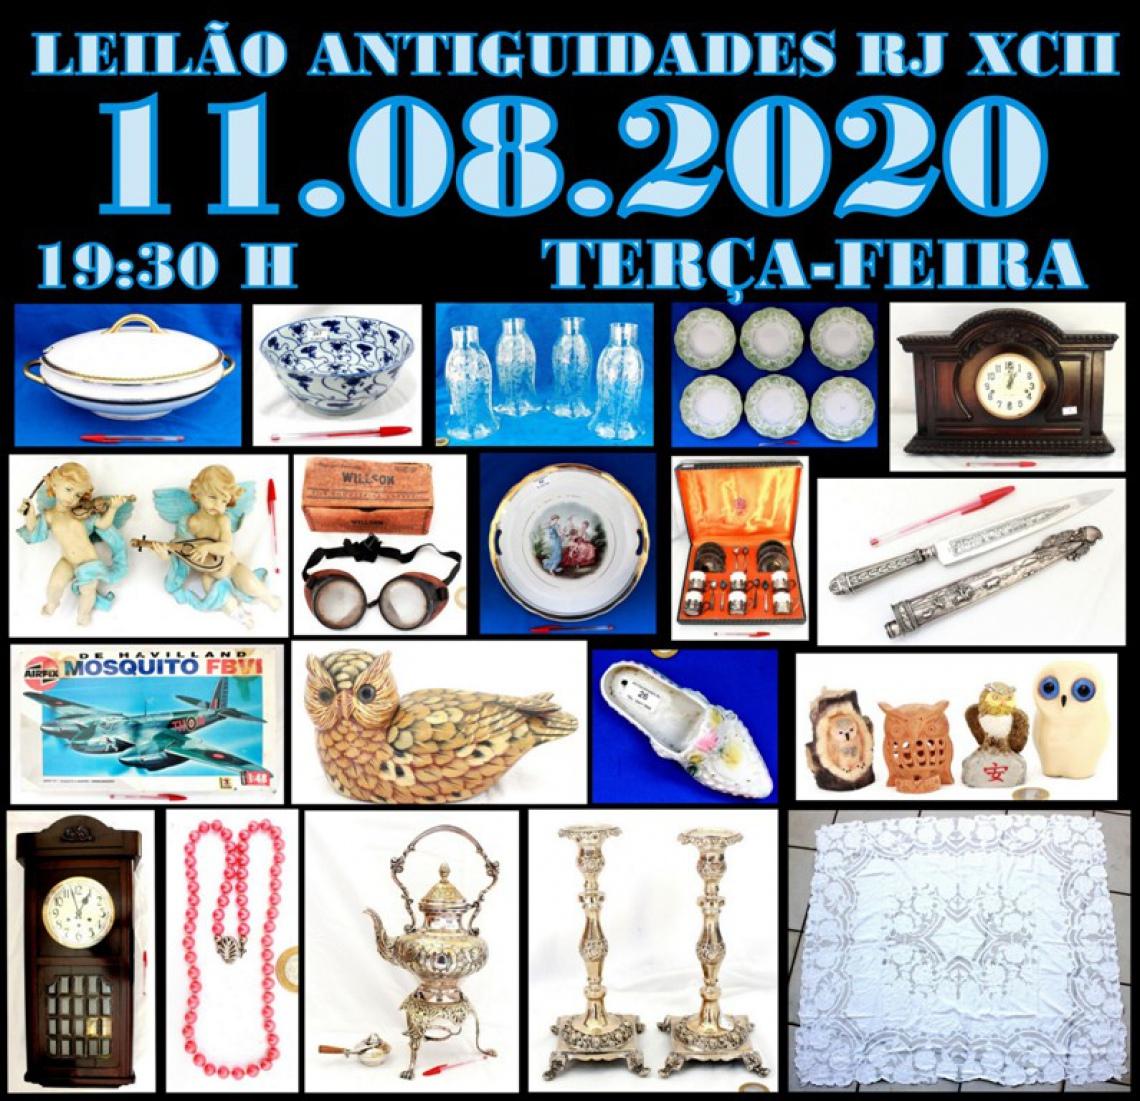 LEILÃO ANTIGUIDADES RJ XCII